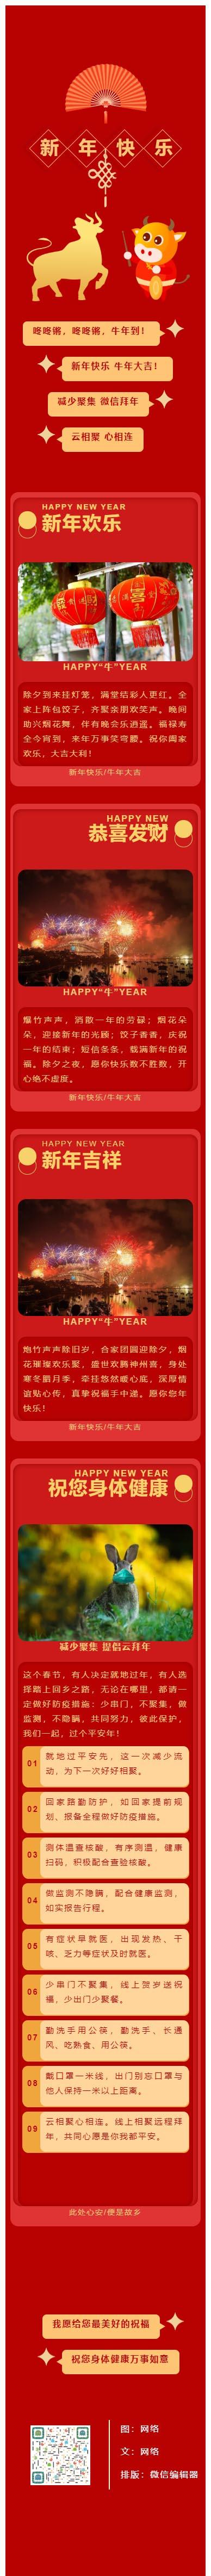 元宵节中国的传统节日微信公众号模板推文素材红色灯笼